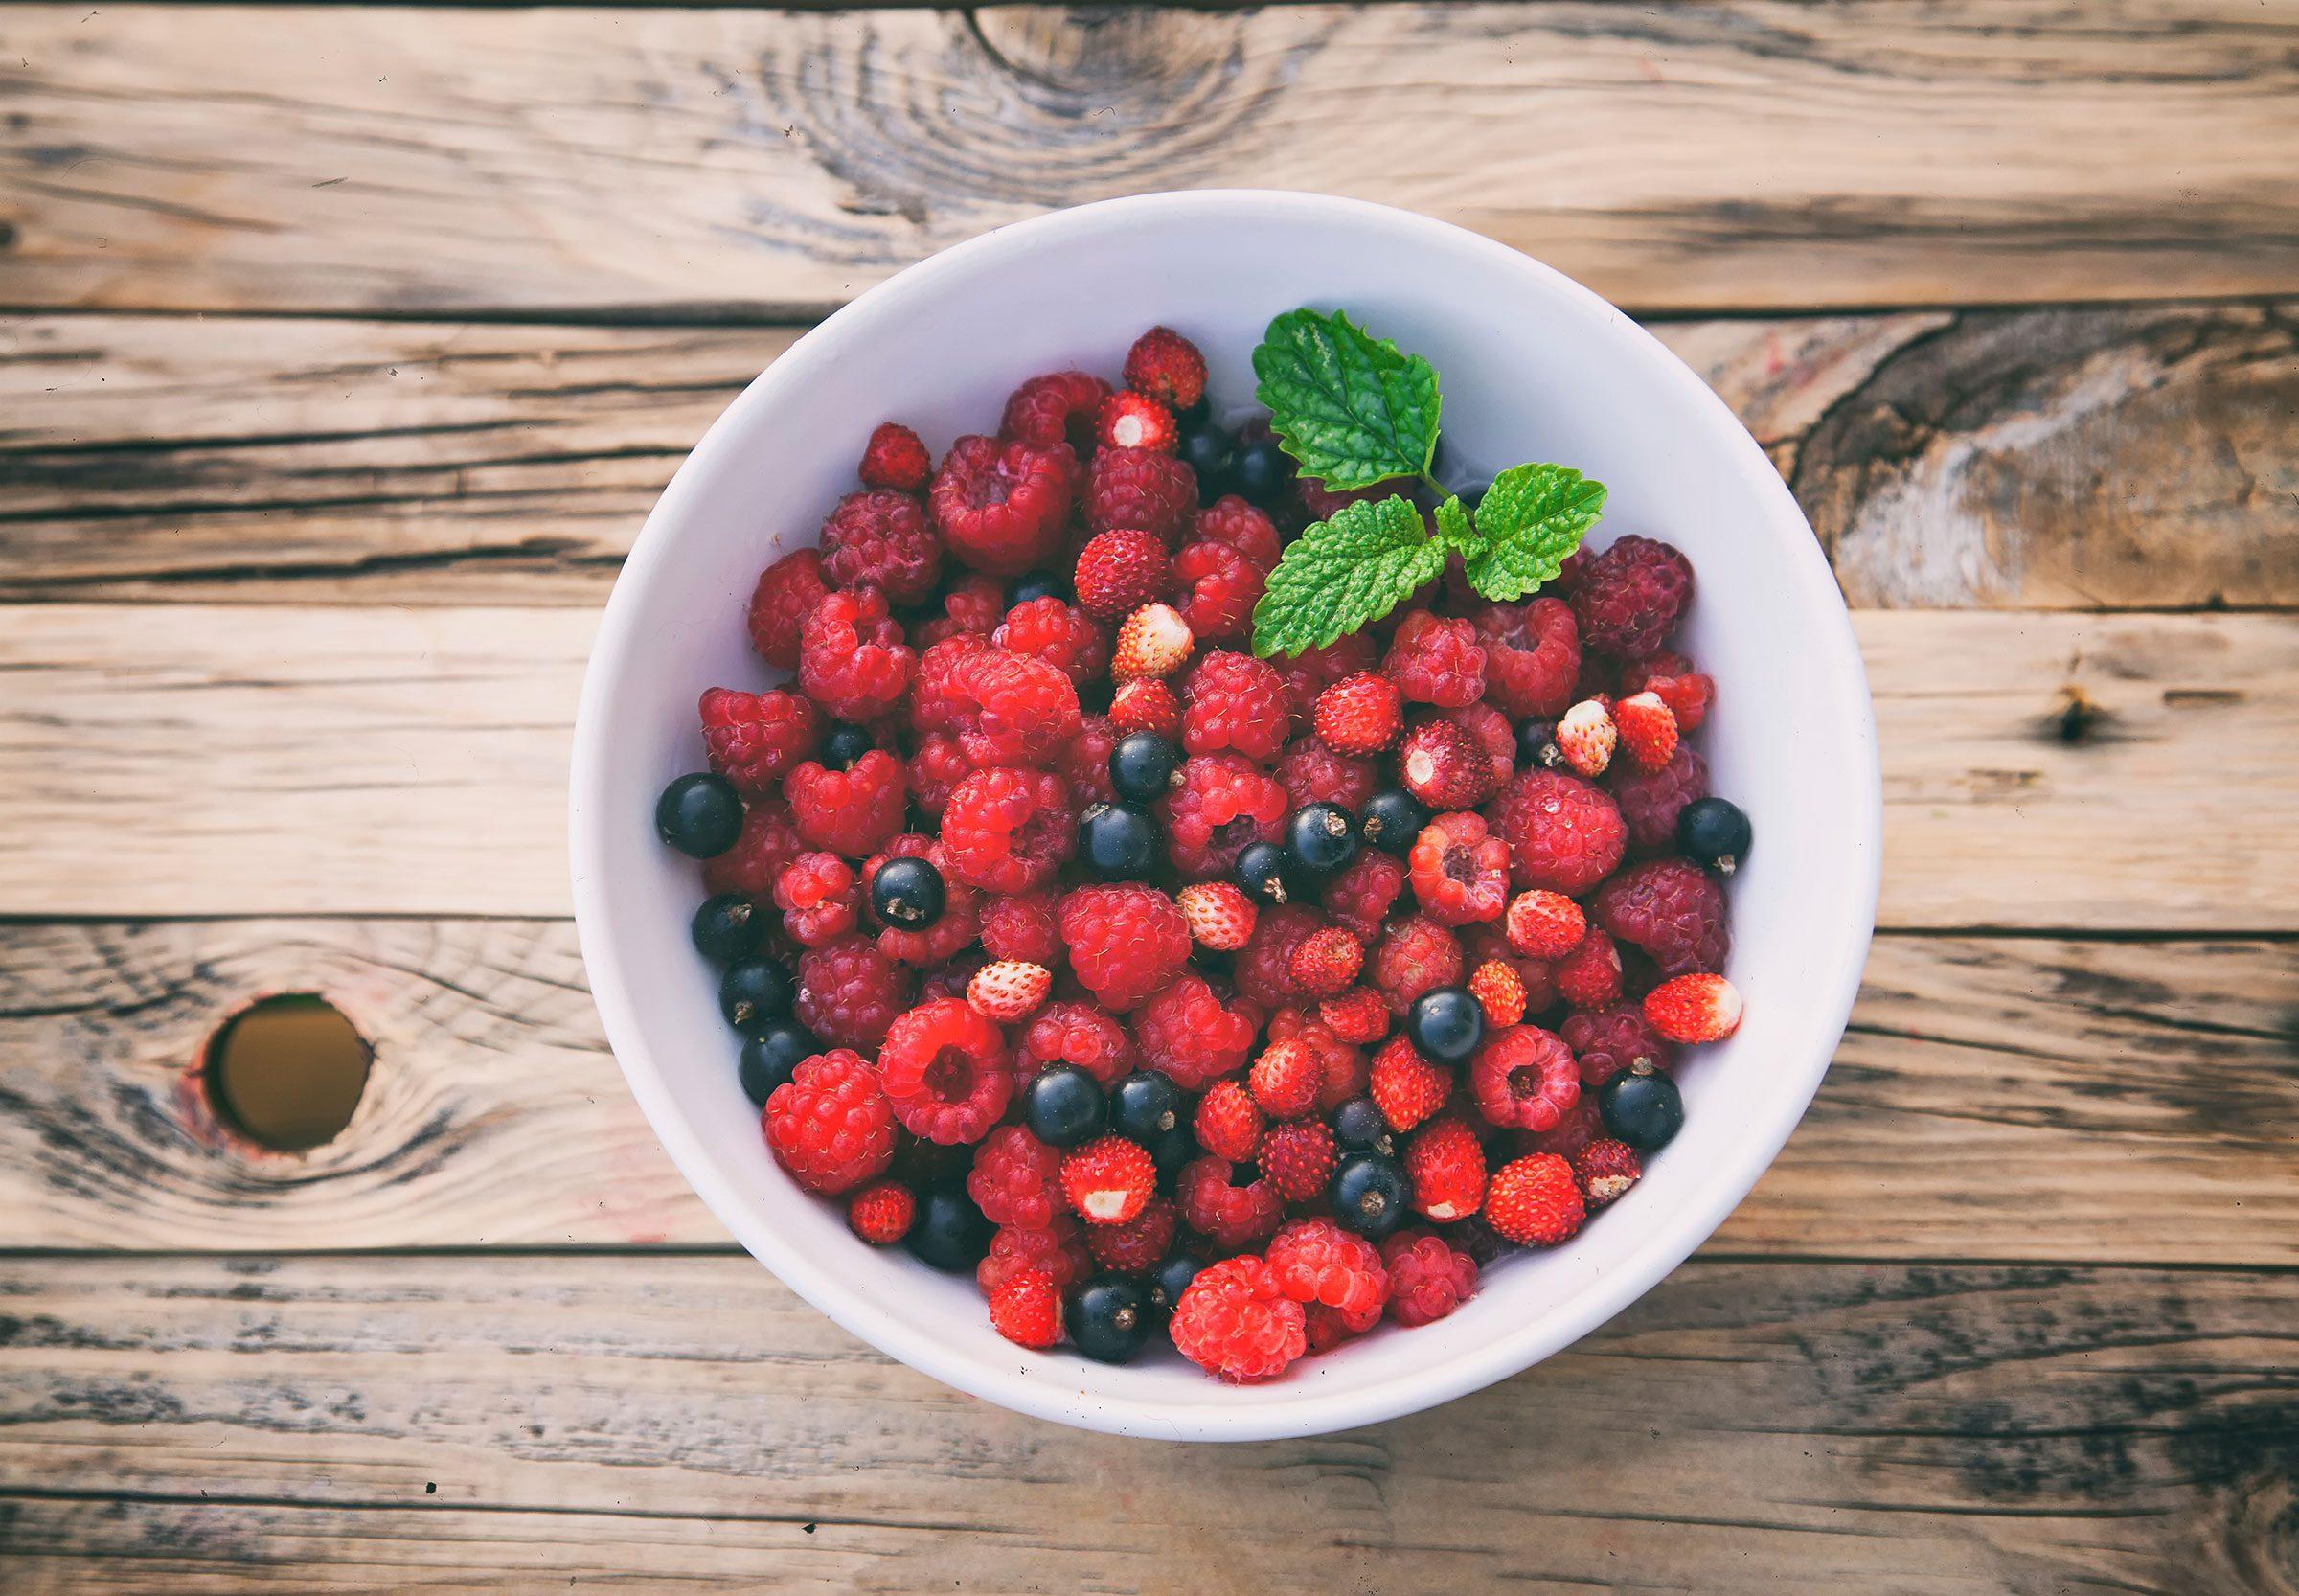 habitudes-matin-belle-peau-dejeuner-plein-couleurs